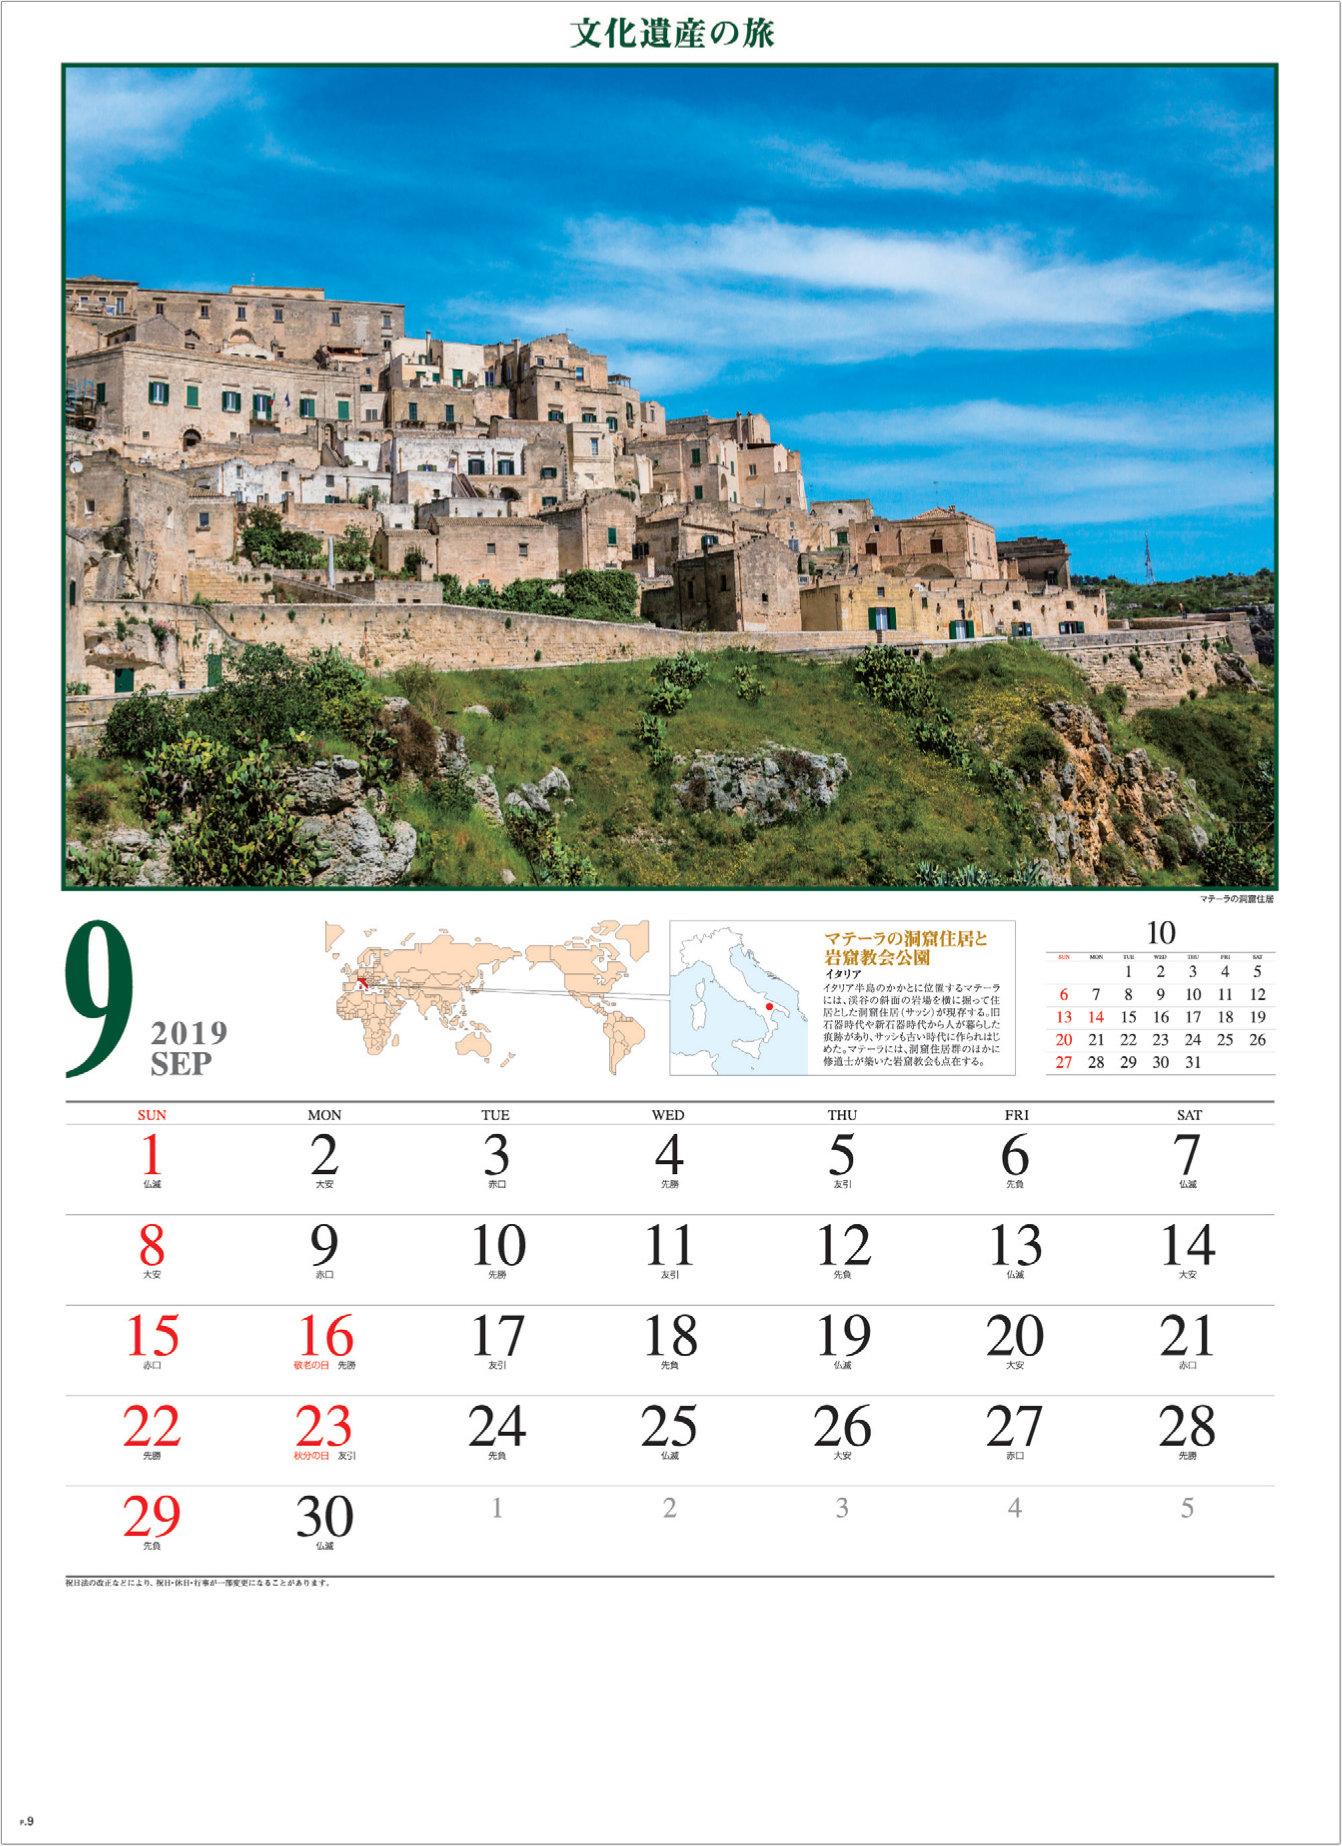 画像:イタリア マテーラの洞窟住居 文化遺産の旅(ユネスコ世界遺産) 2019年カレンダー